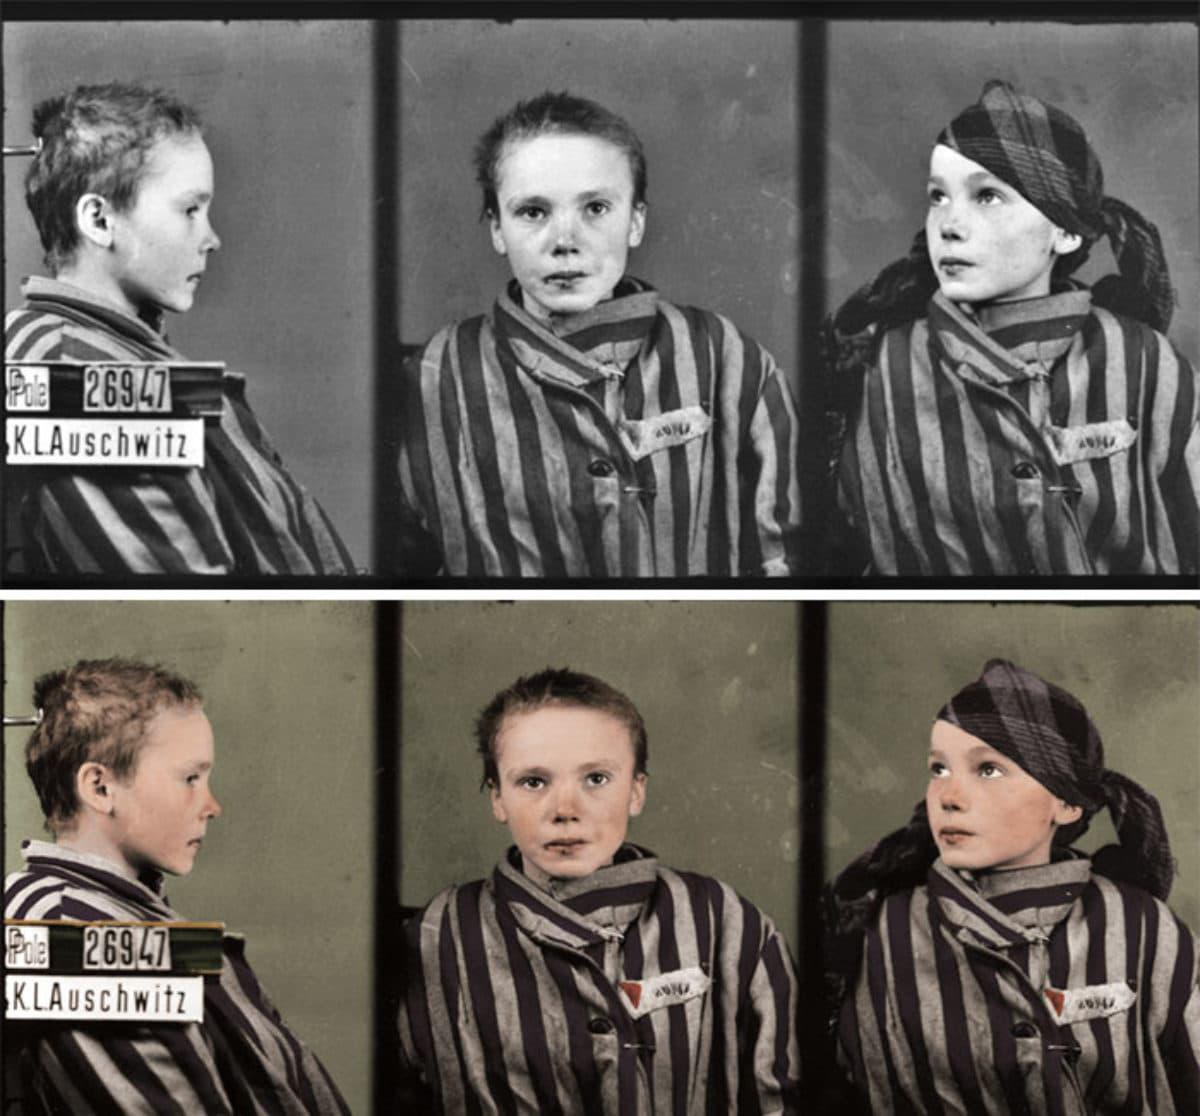 fotografie colori olocausto